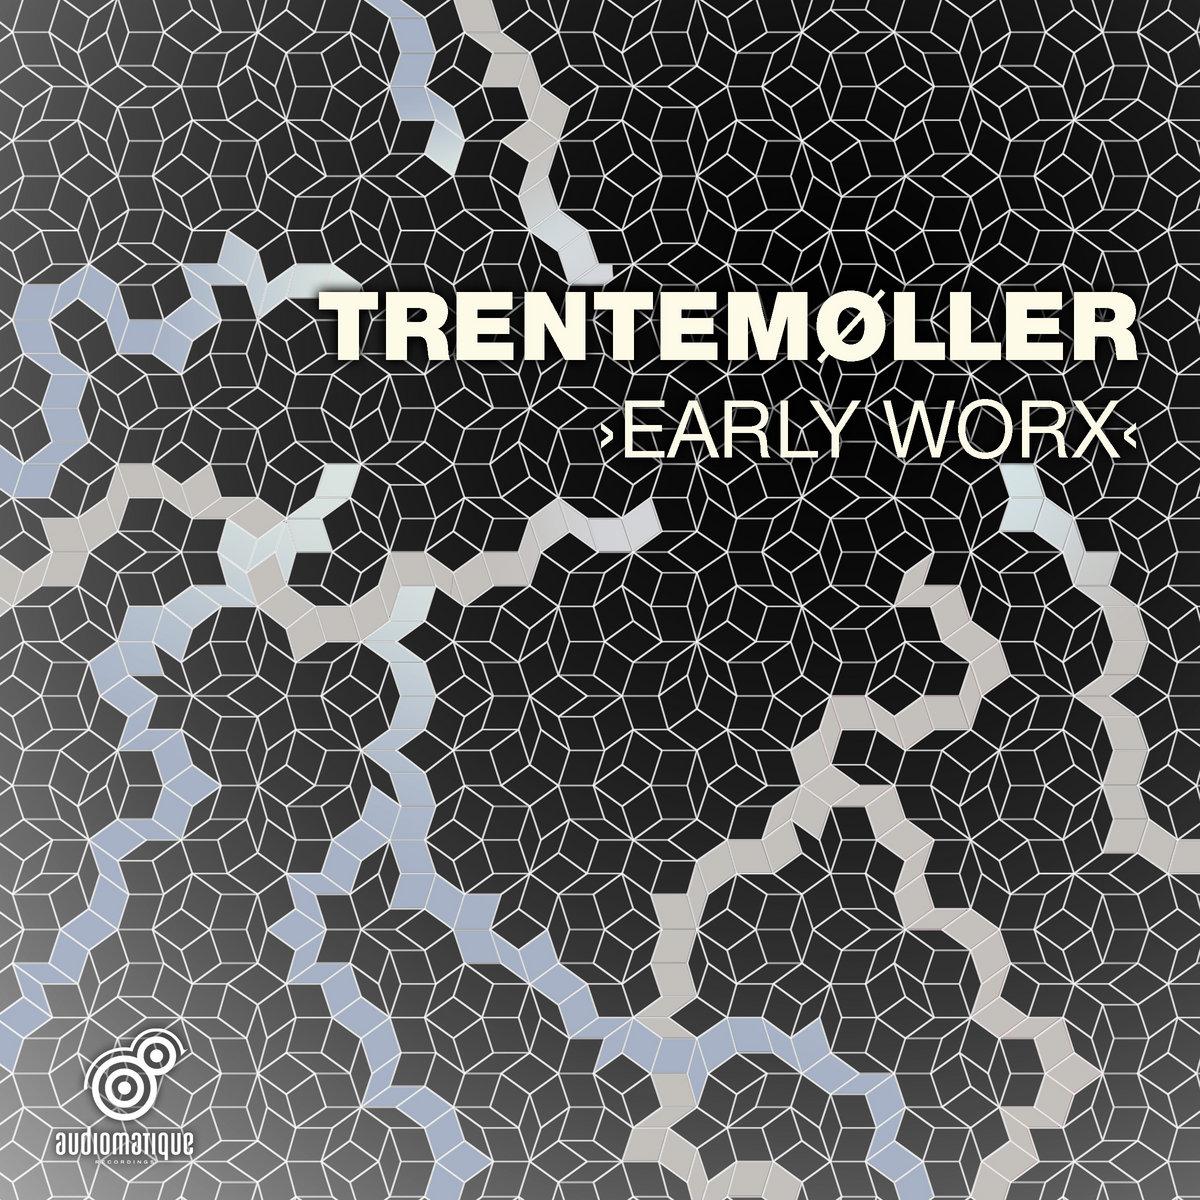 Early Worx | Trentemøller